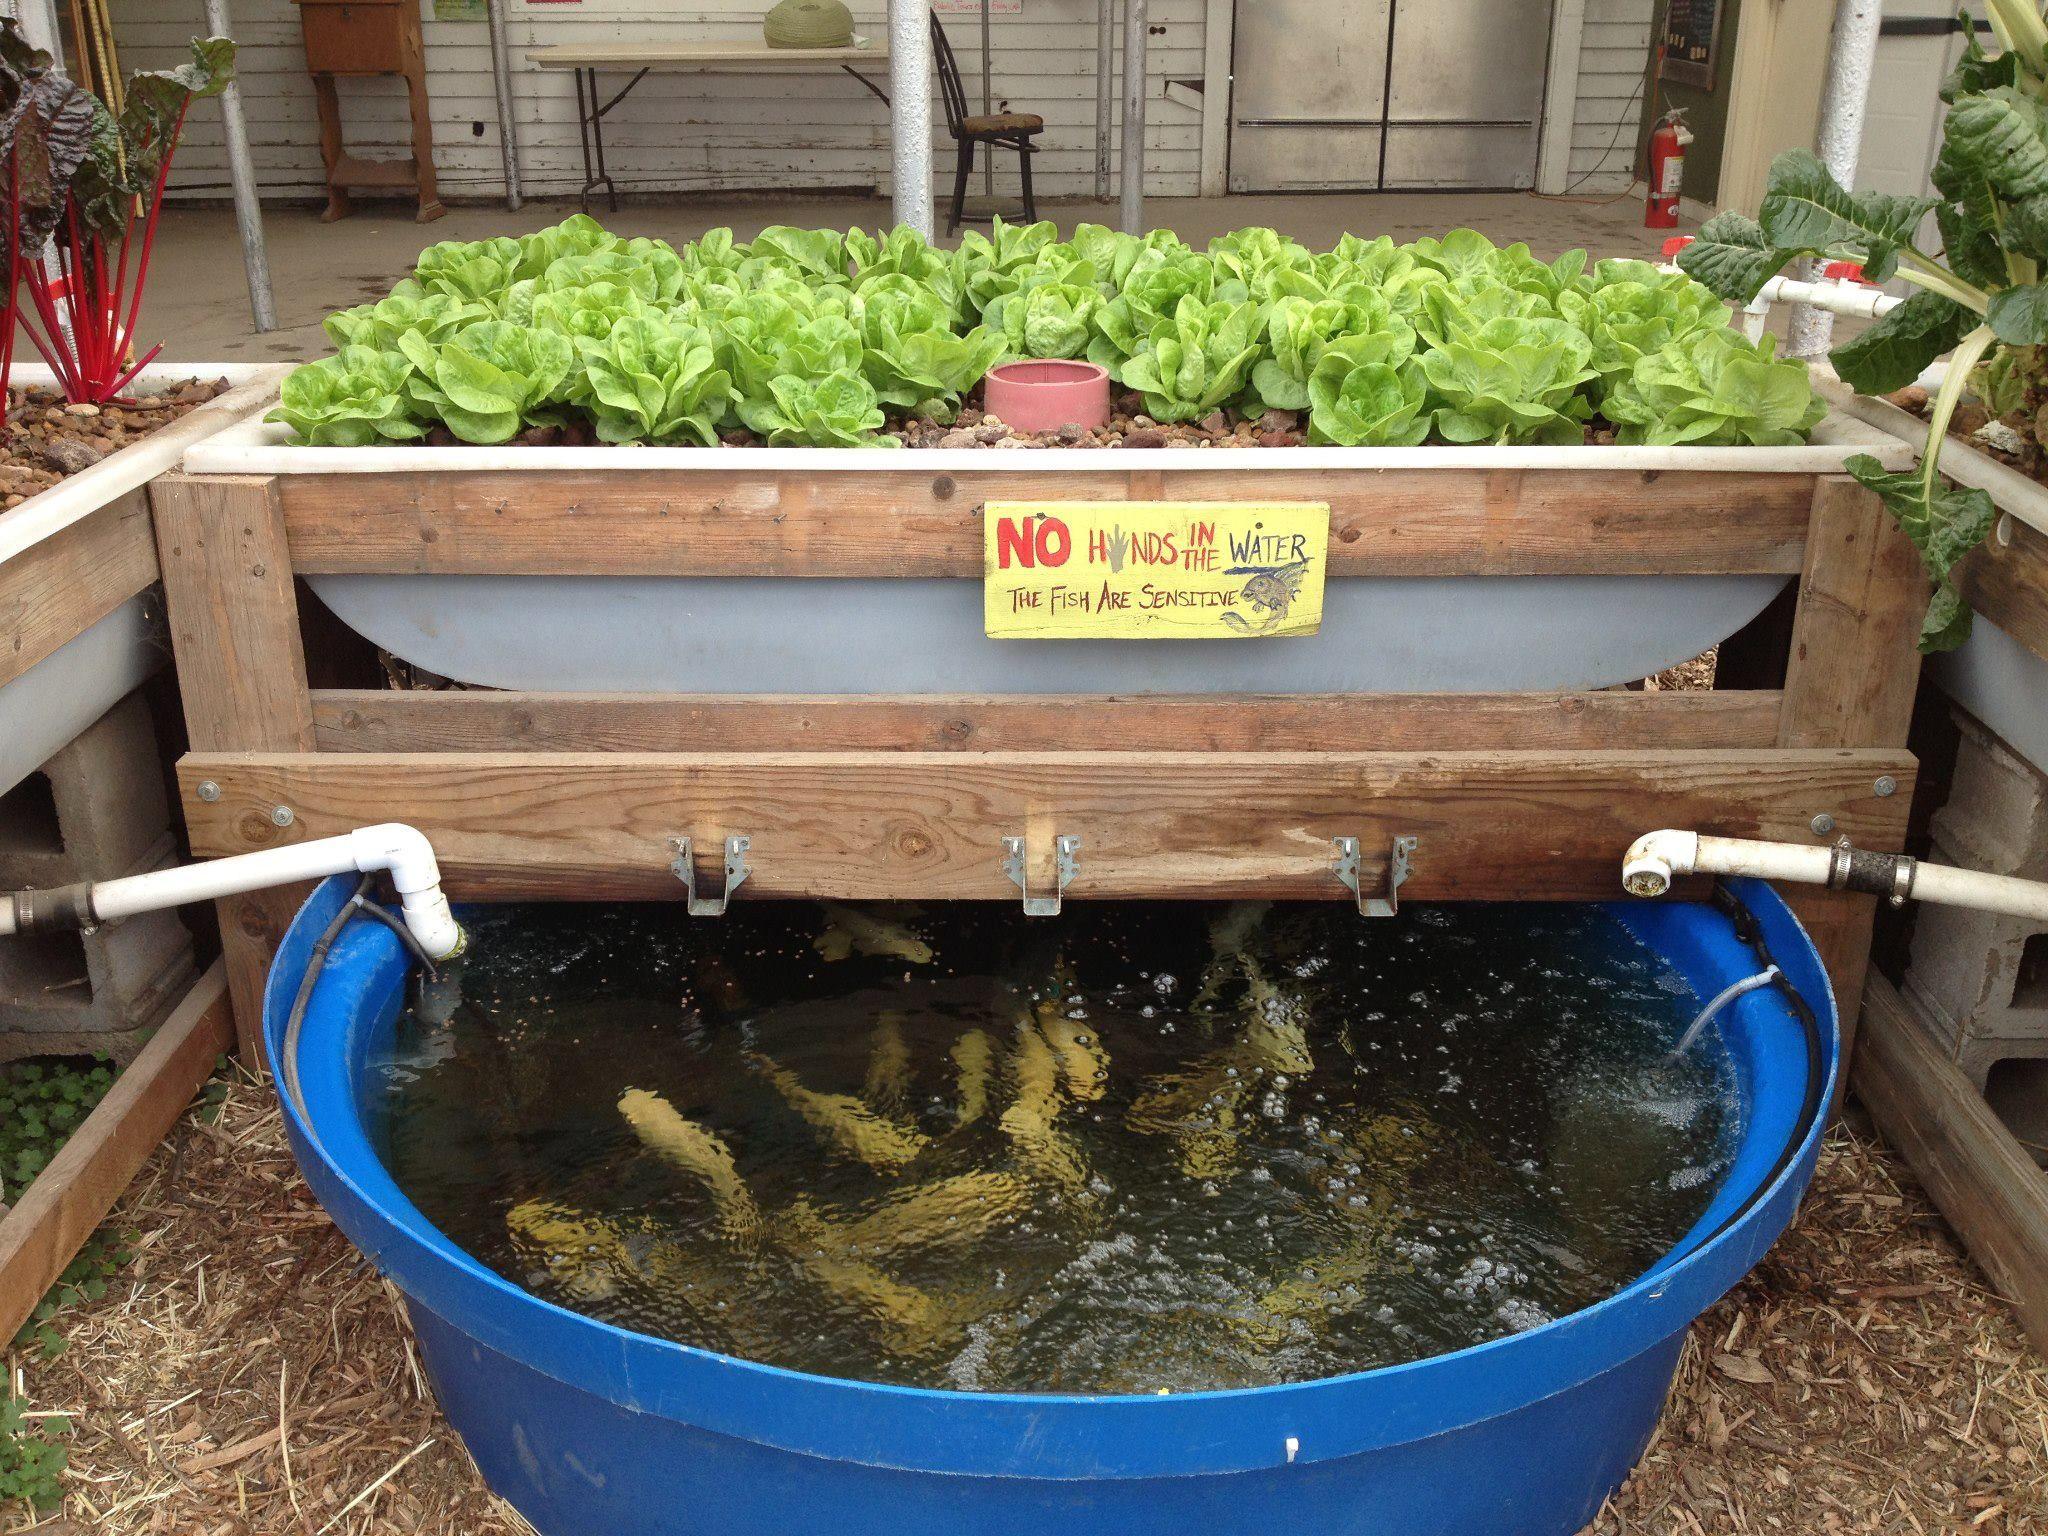 Выращивание овощей на основе гидропонных технологий и разведение рыбы в Баглунге